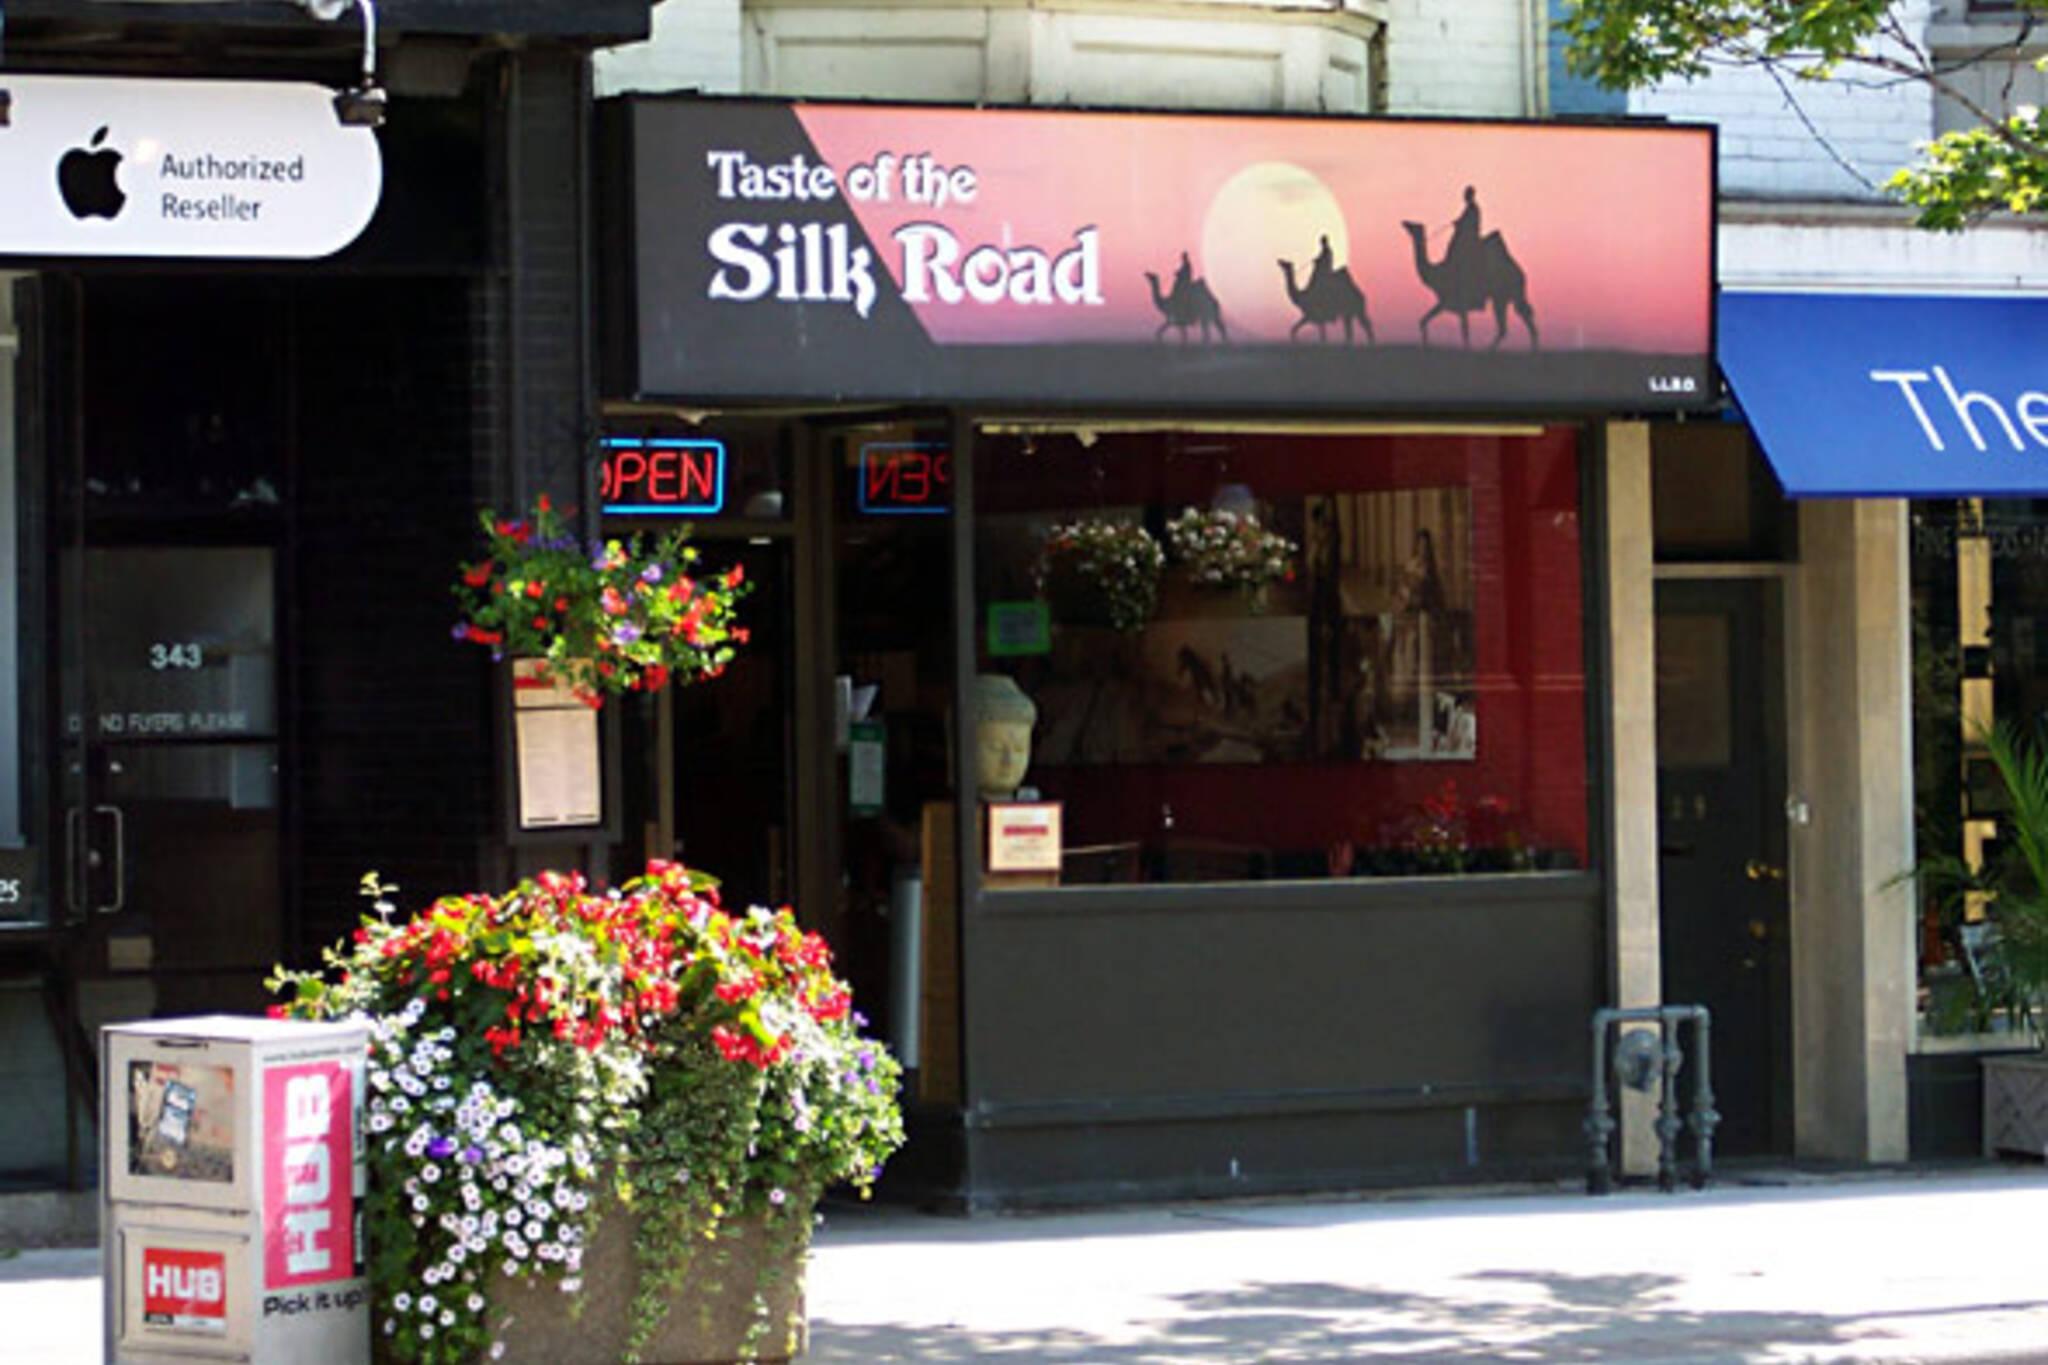 Taste of the Silk Road